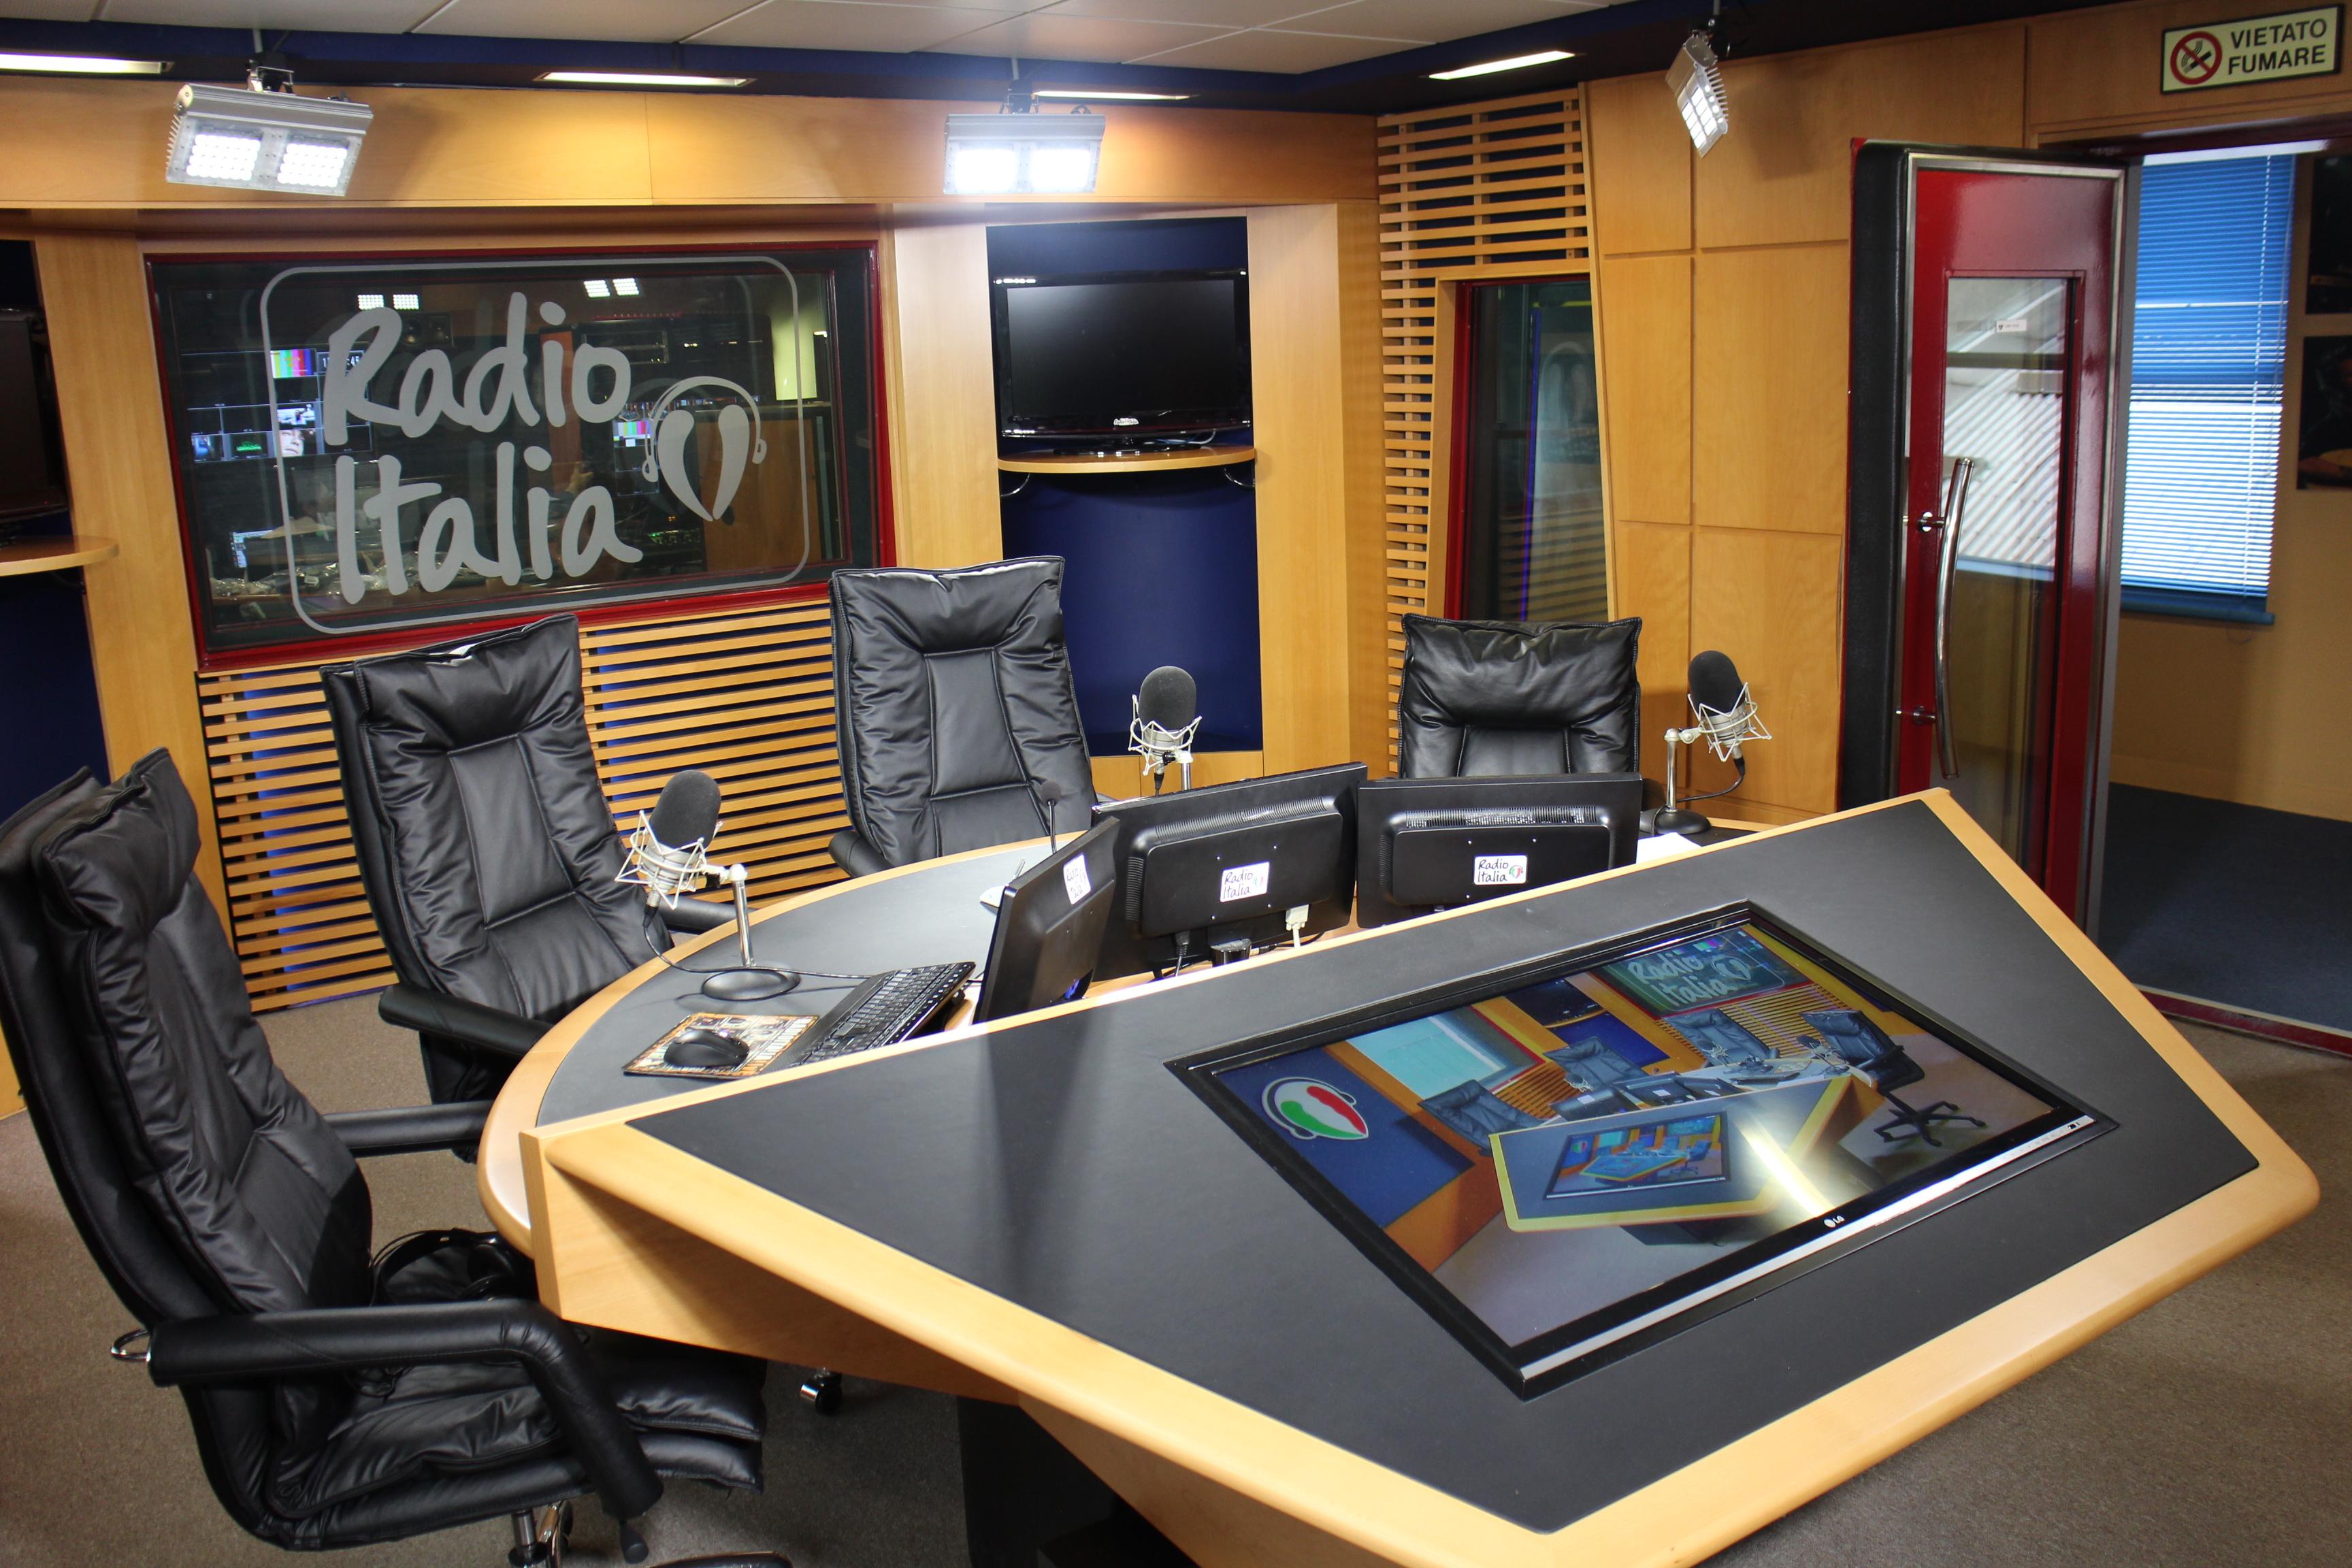 Studio diretta Radio Italia - Radio Tv 4.0. Il fenomeno visual radio impone una nuova esigenza: studi radiofonici per impiego tv perche' anche l'occhio dell'utente vuole la sua parte. Intervista a Pino Stillitano